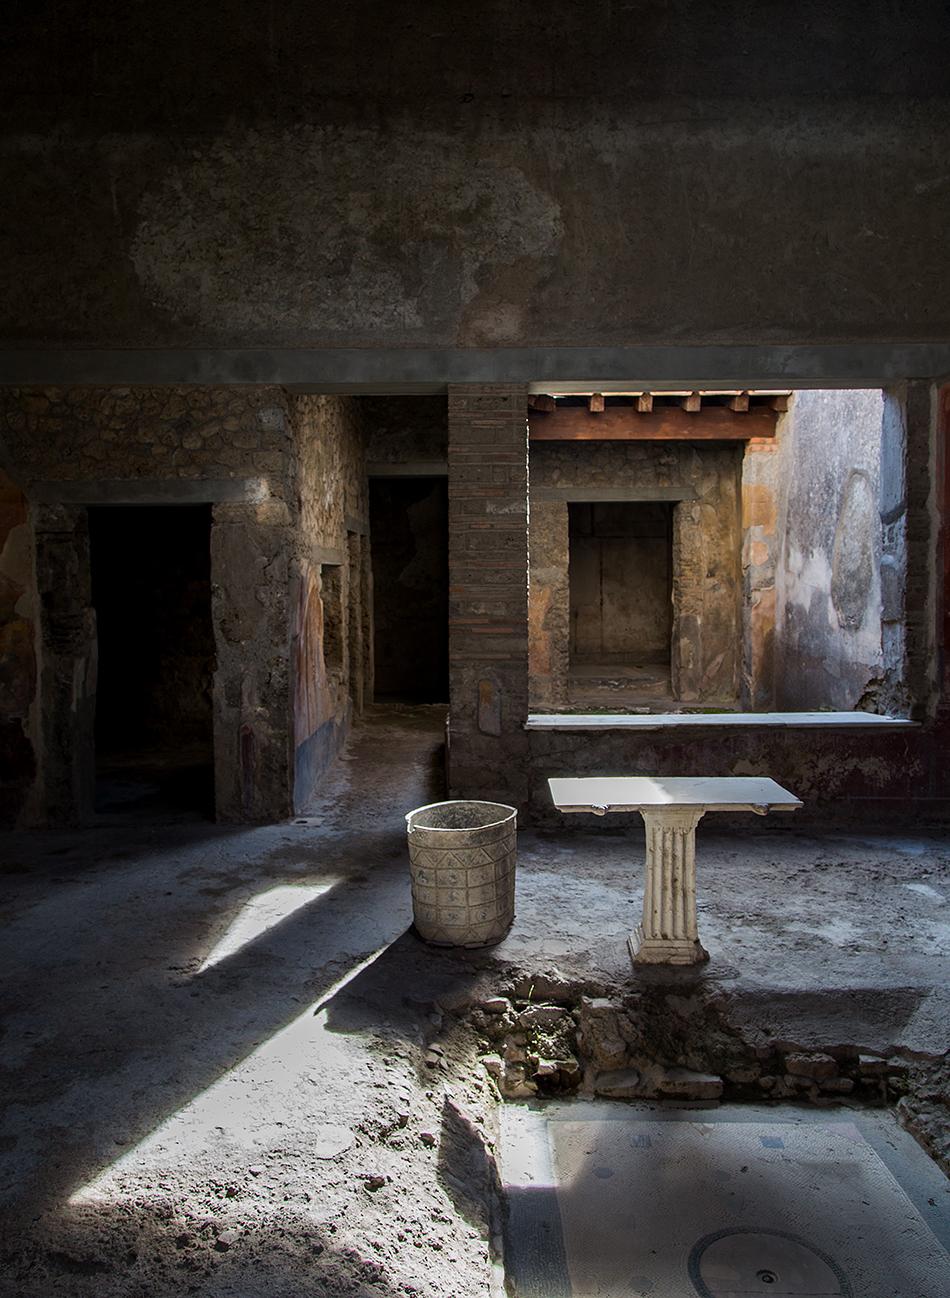 Pompei, Thermopolium Lucius Vetutius Placidus